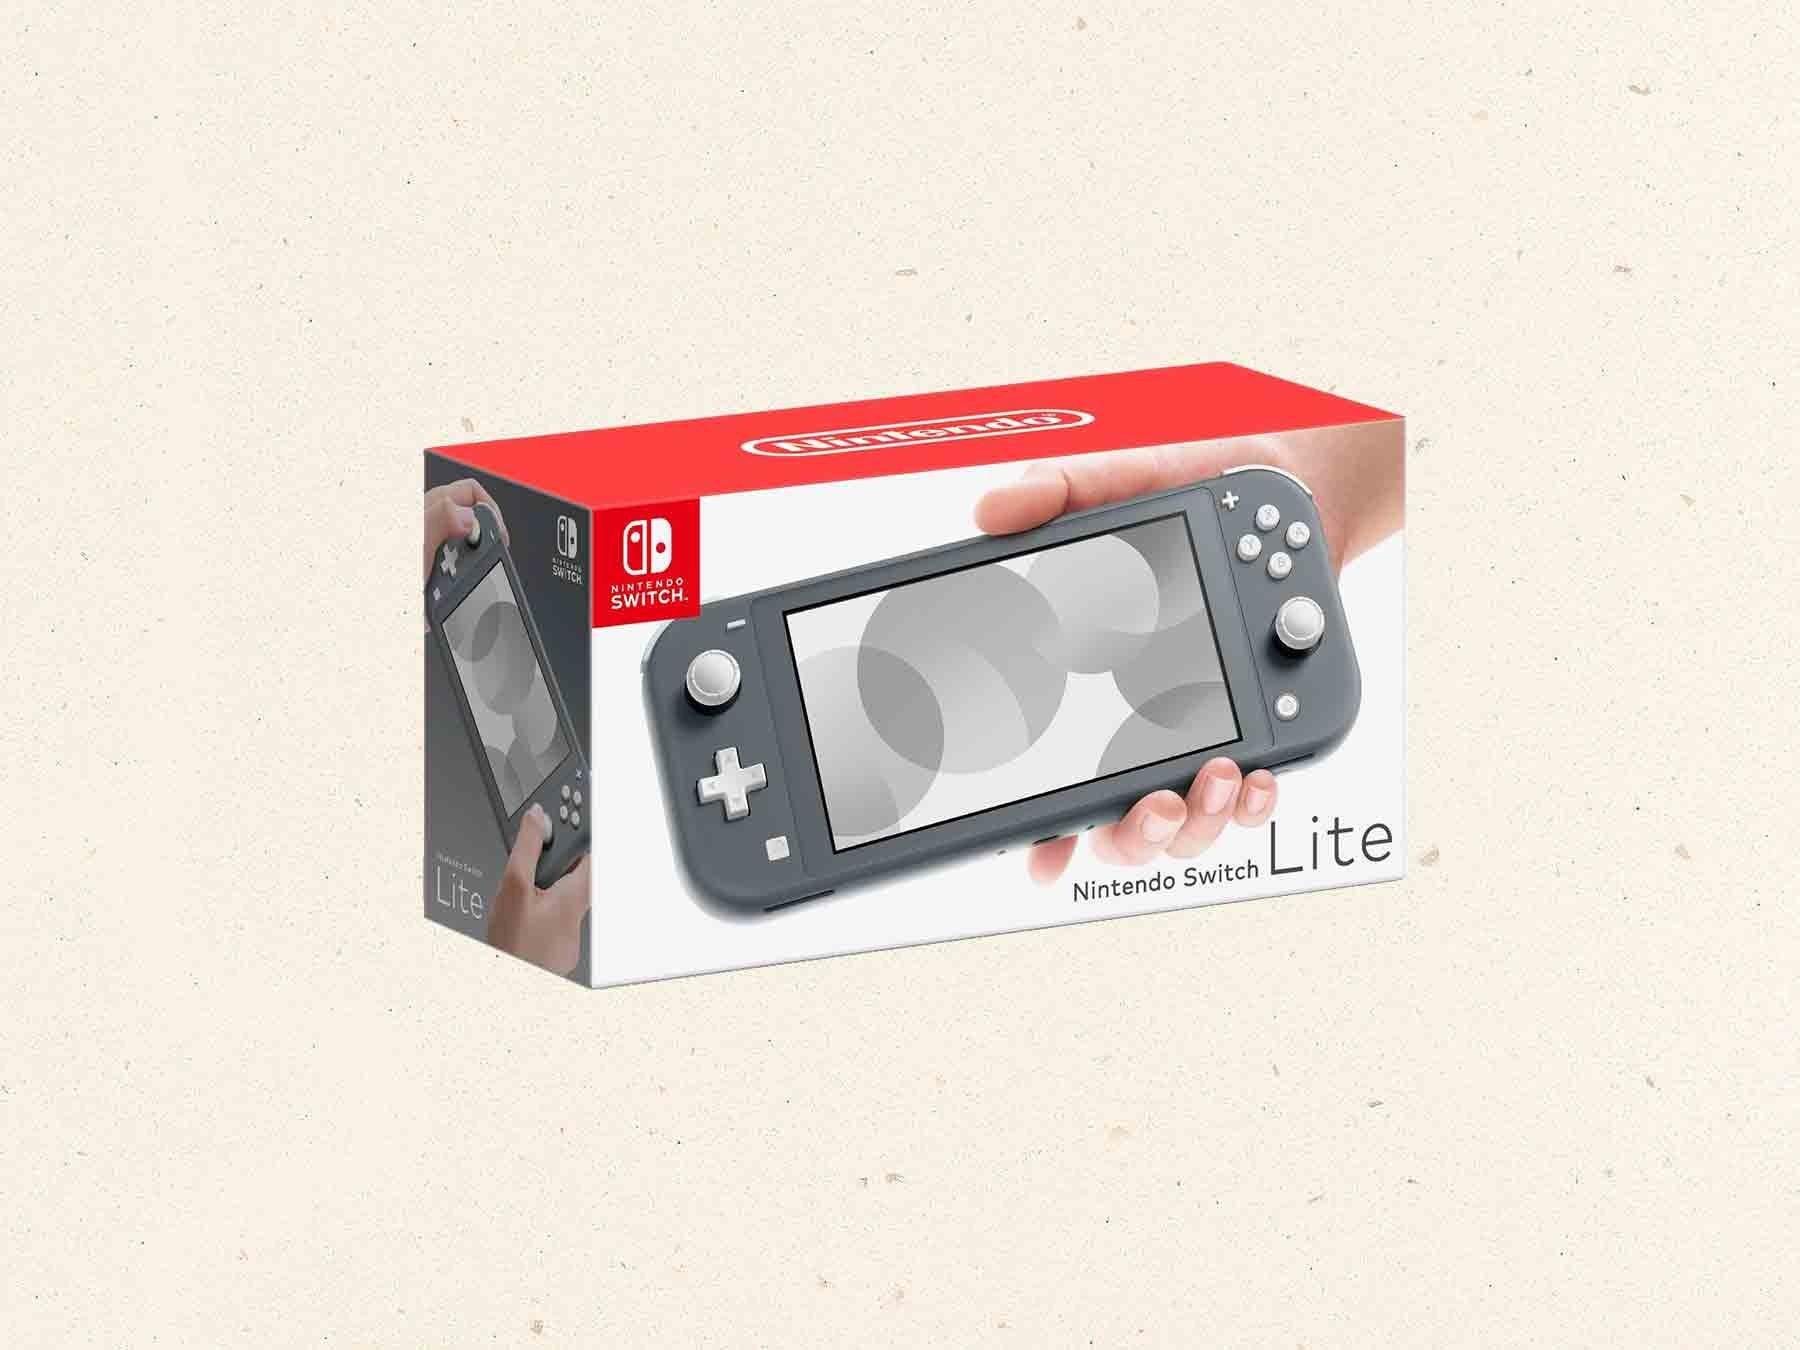 تصویر کنسول بازی نینتندو سوییچ لایت ا Nintendo Switch Lite Nintendo Switch Lite